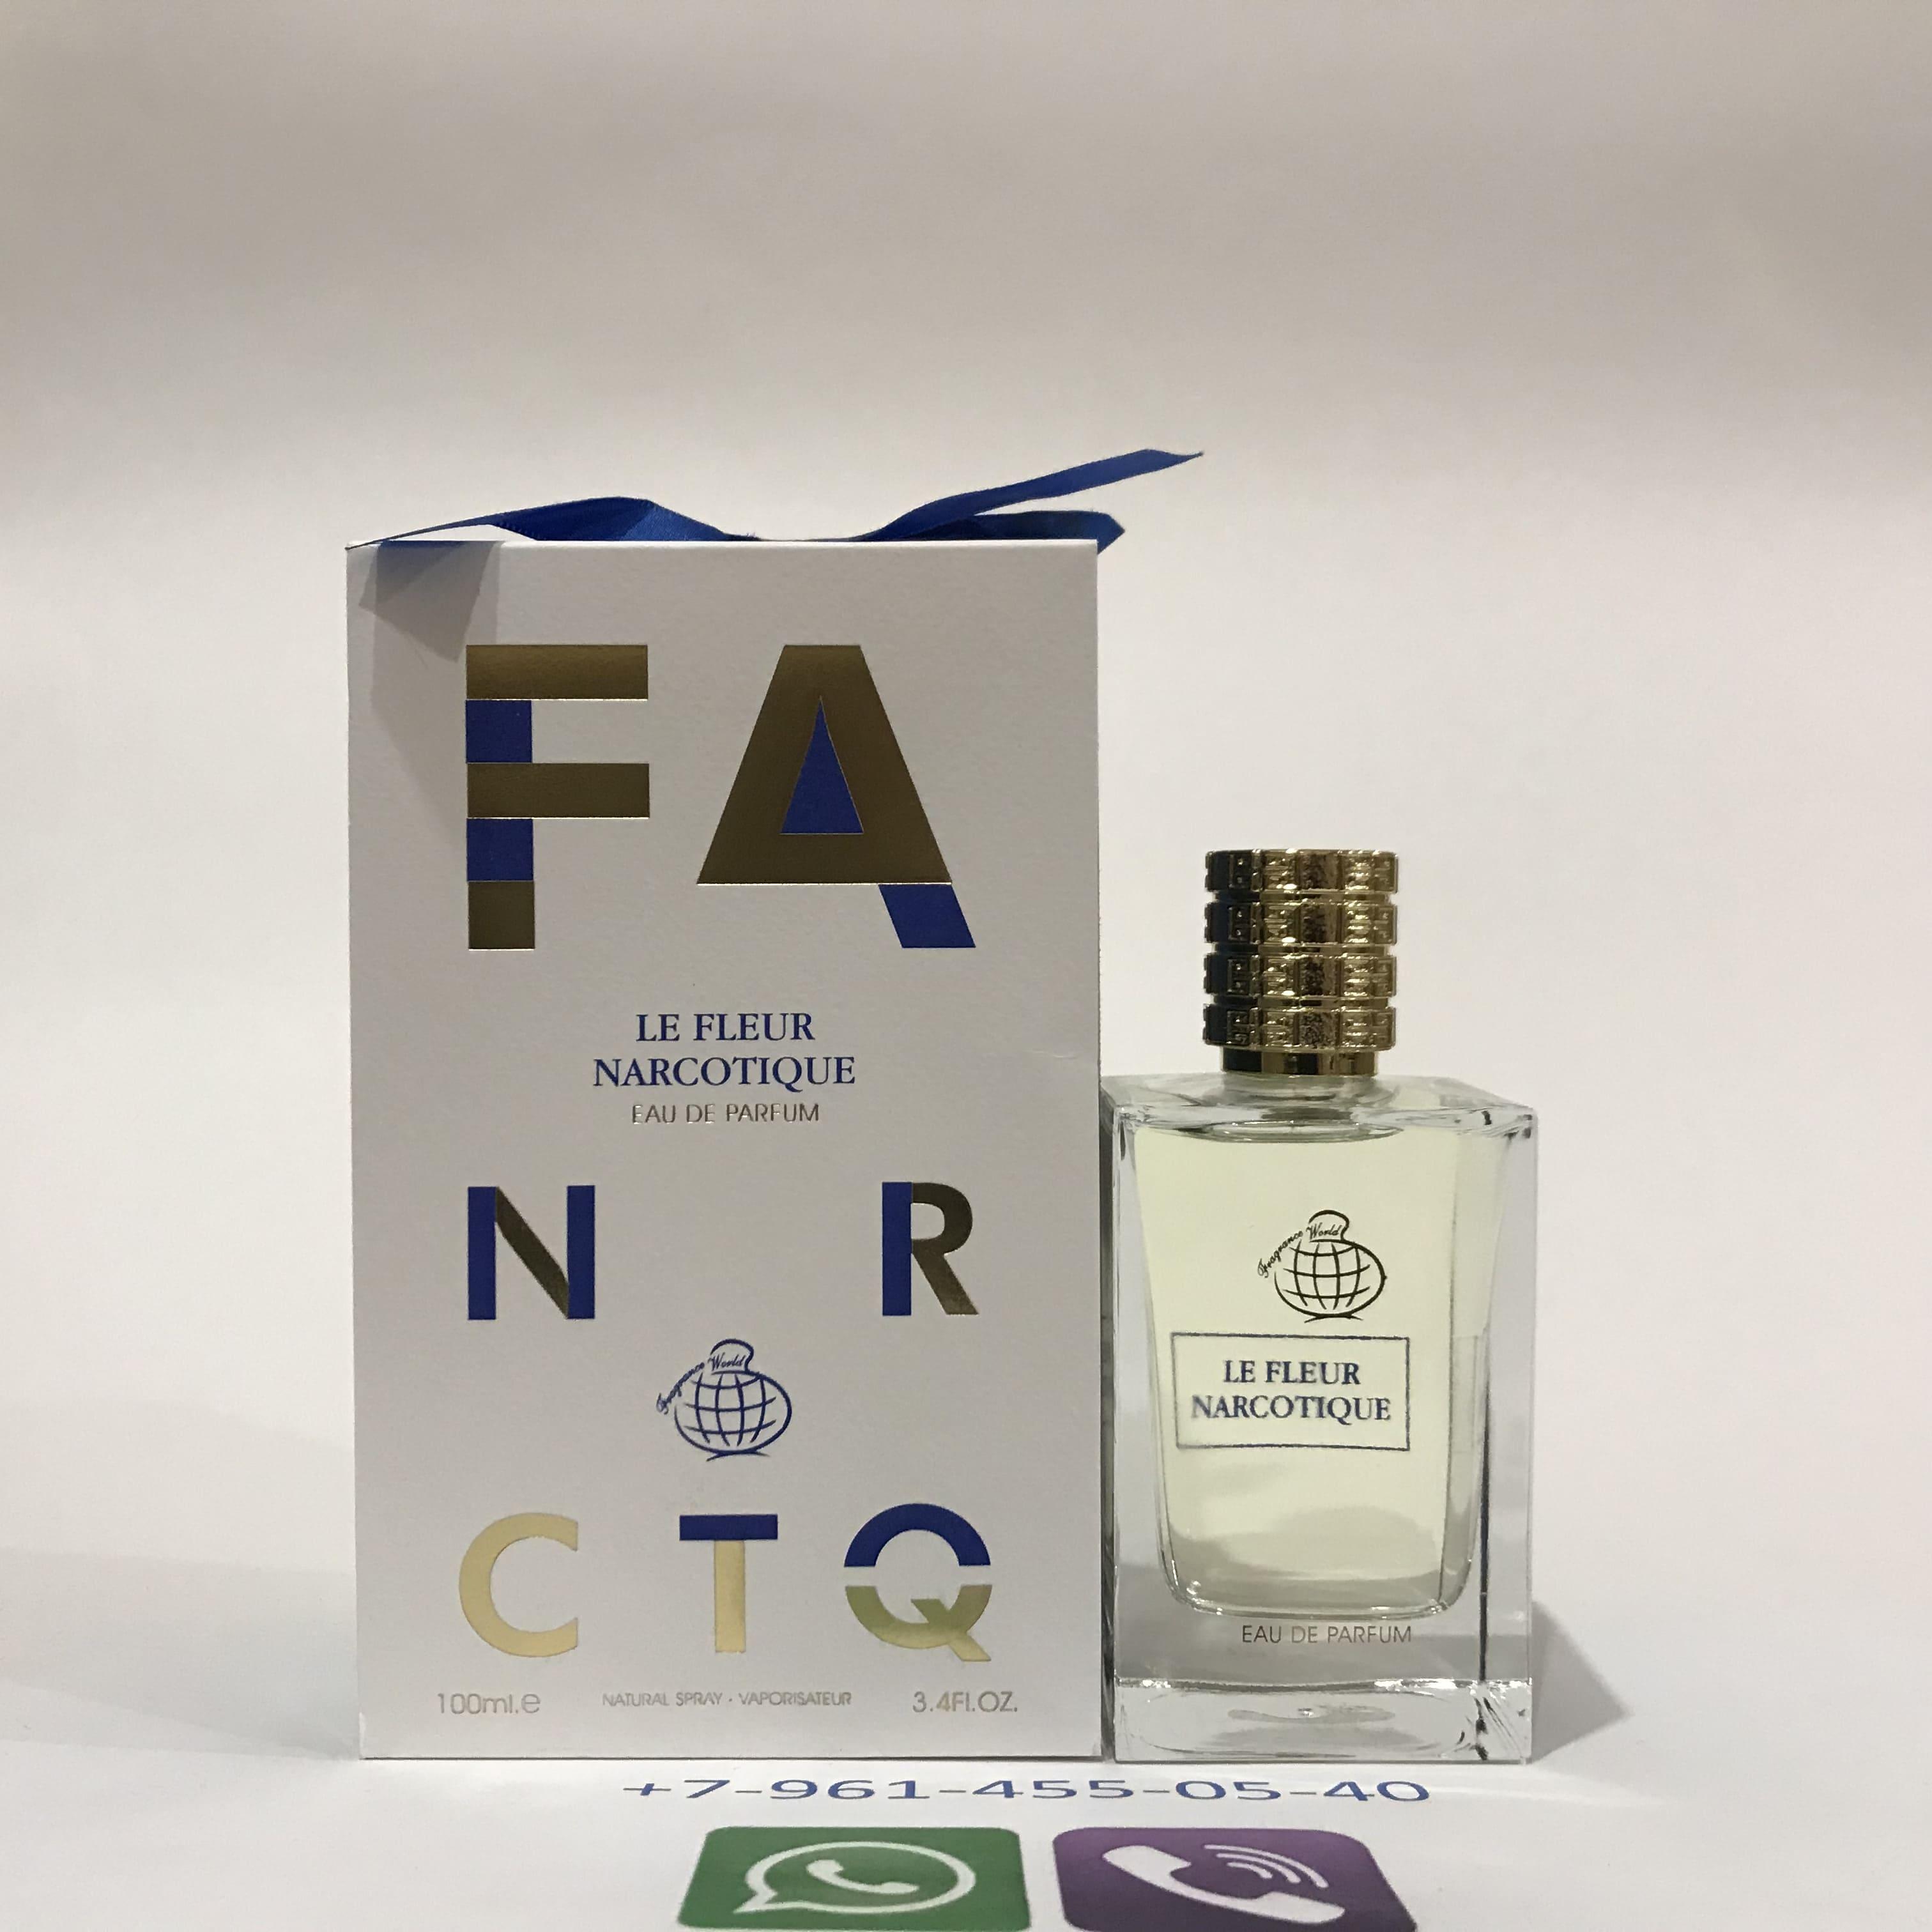 Le Fleur Narcotique парфюм цена мужские